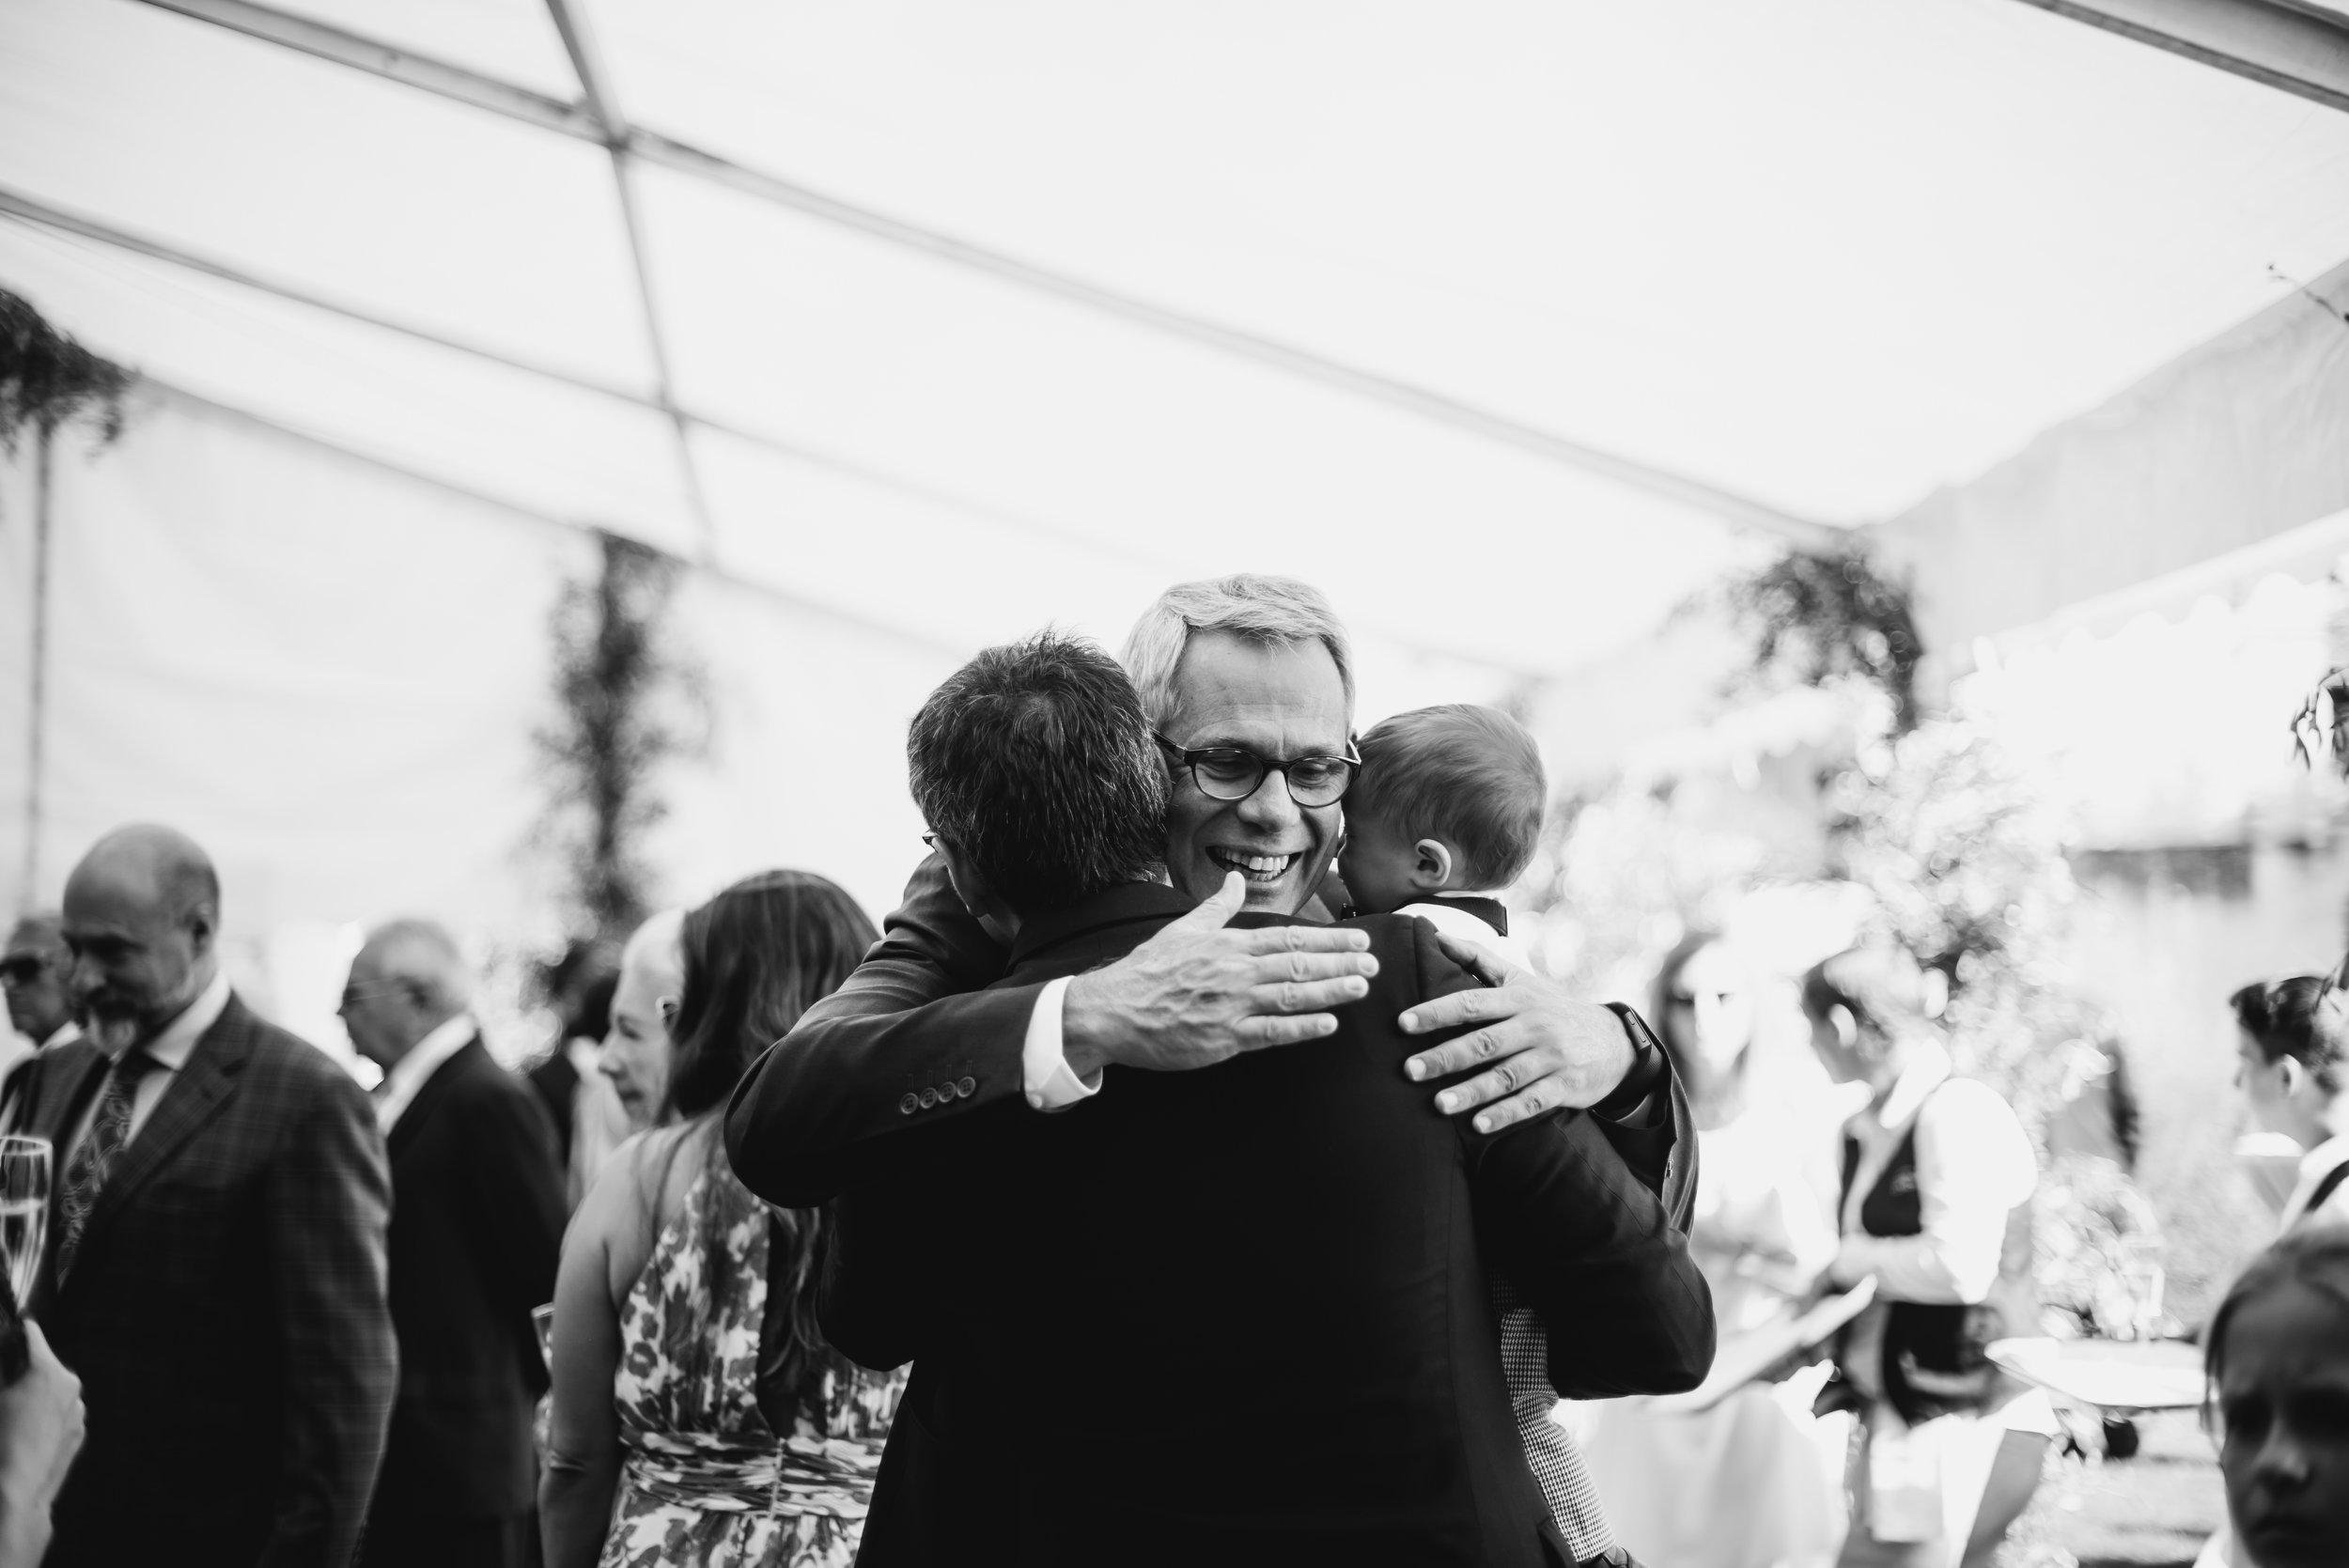 Léa-Fery-photographe-professionnel-lyon-rhone-alpes-portrait-creation-mariage-evenement-evenementiel-famille-1002.jpg